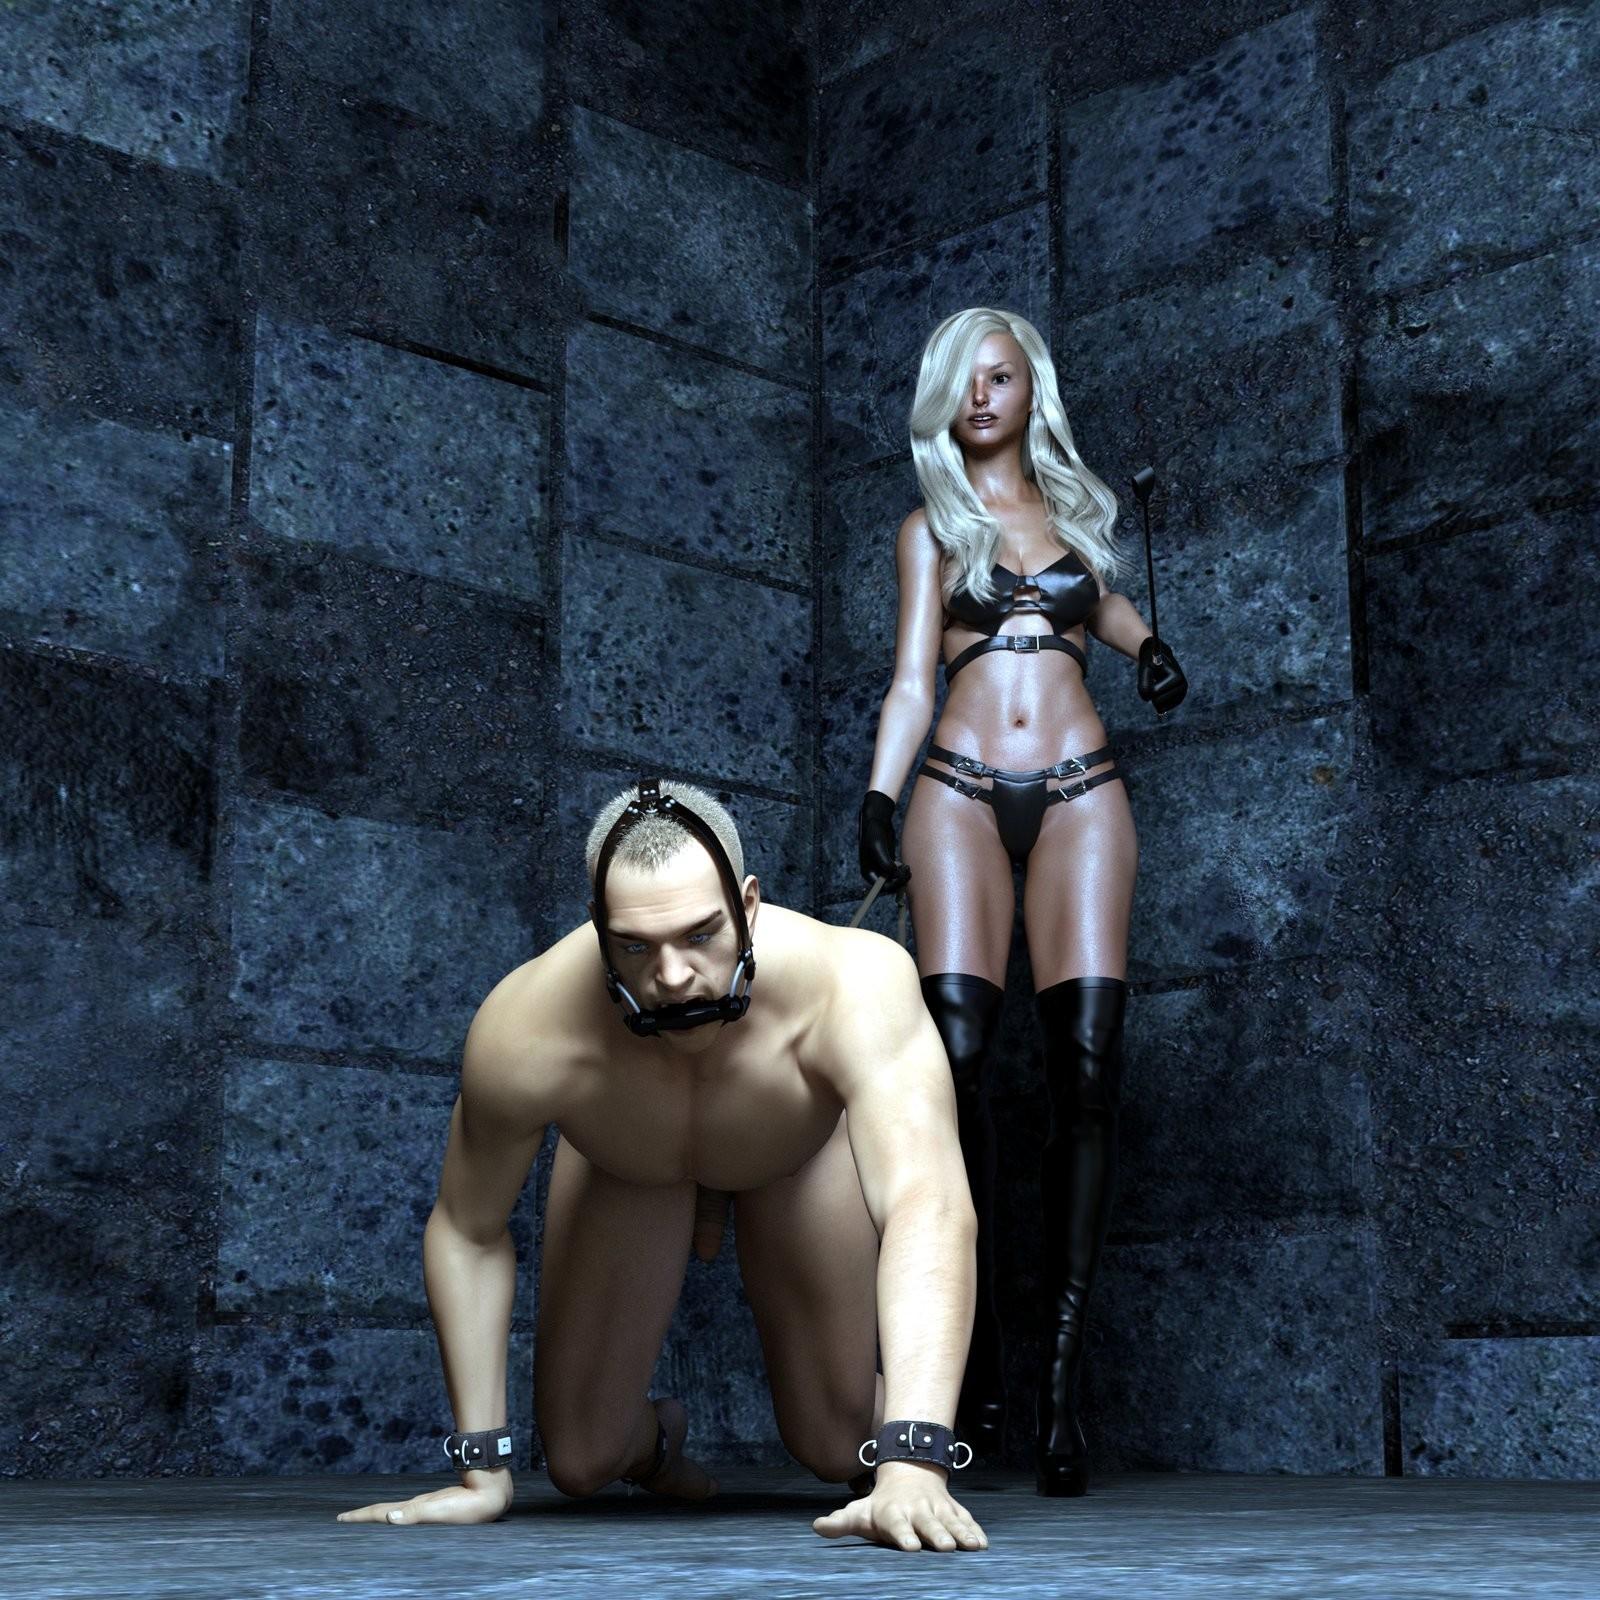 femdom-dungeon-24